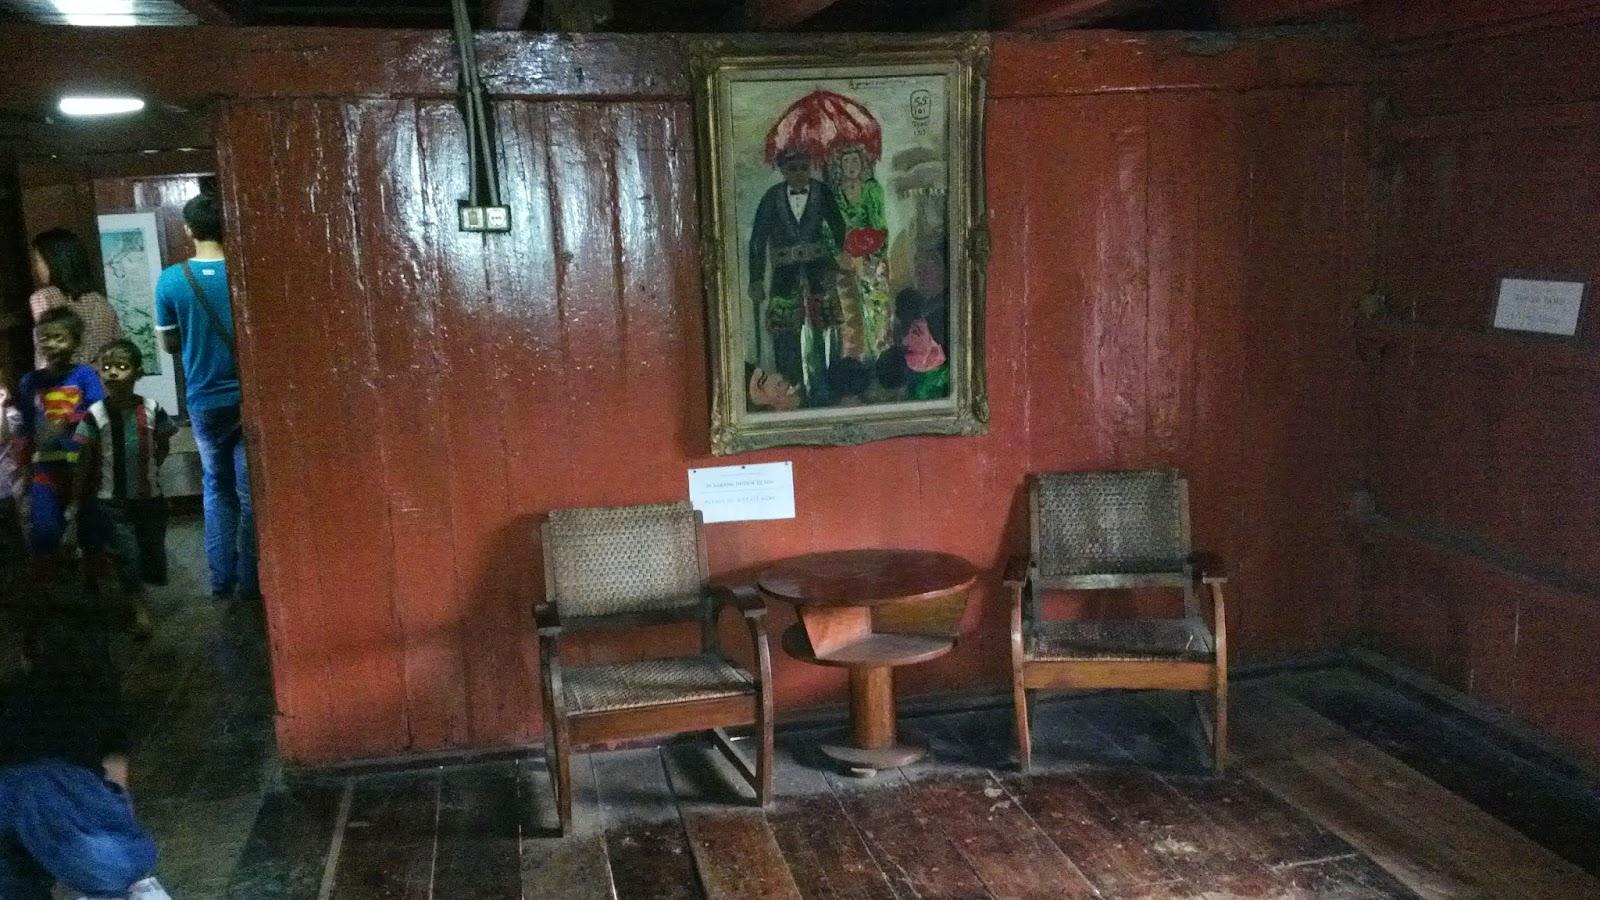 Ruang Kedua Adalah Tamu Layaknya Sebuah Dalam Rumah Dilengkapi Dengan Kursi Tua 2 Buah Lubang Udara Di Sisi Kanan Dan Kiri